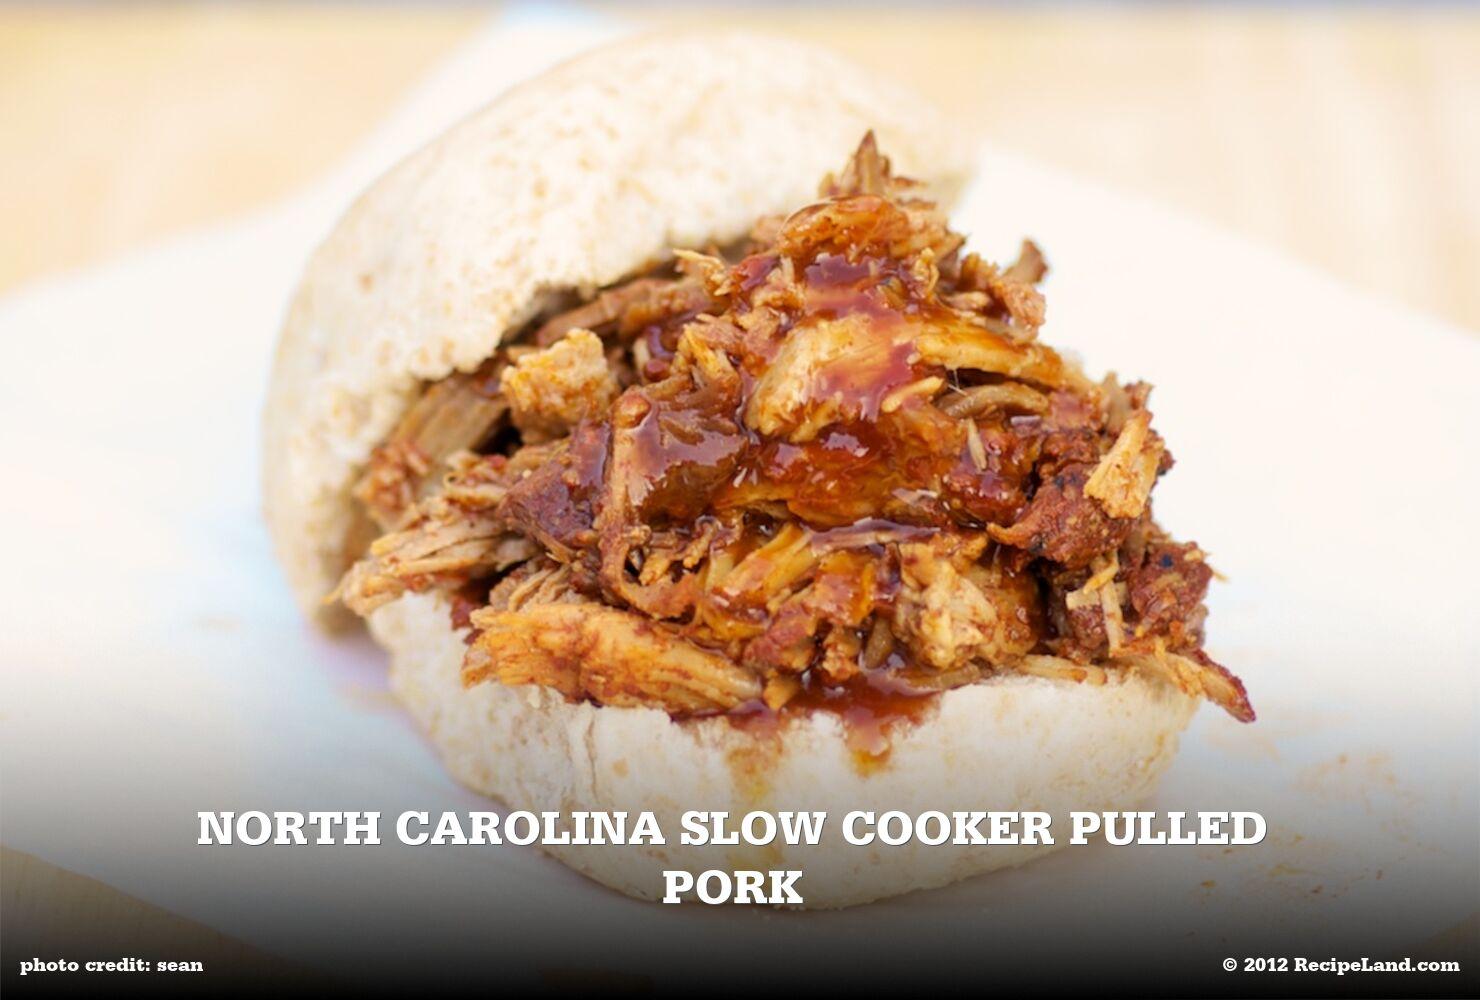 North Carolina Slow Cooker Pulled Pork